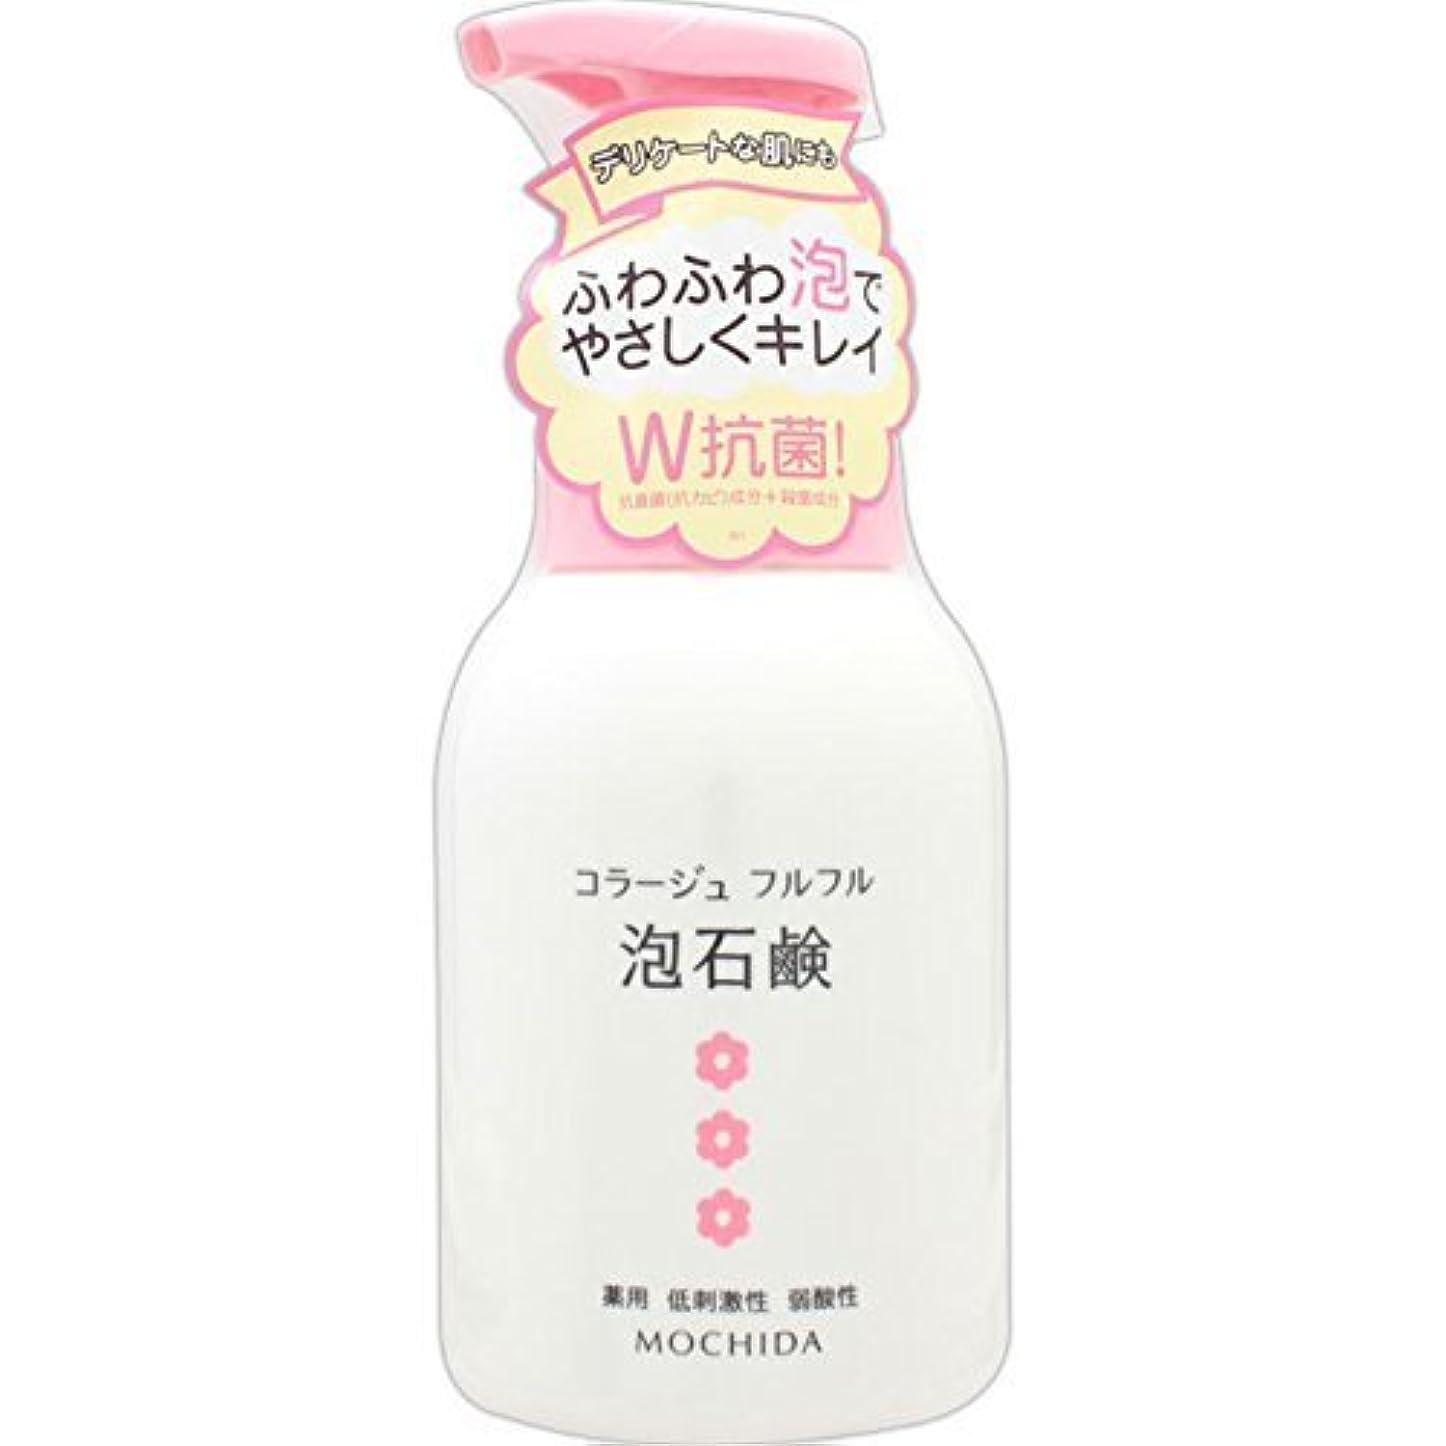 フォーカス性交オープナーコラージュフルフル 泡石鹸 ピンク 300m L (医薬部外品) ×10